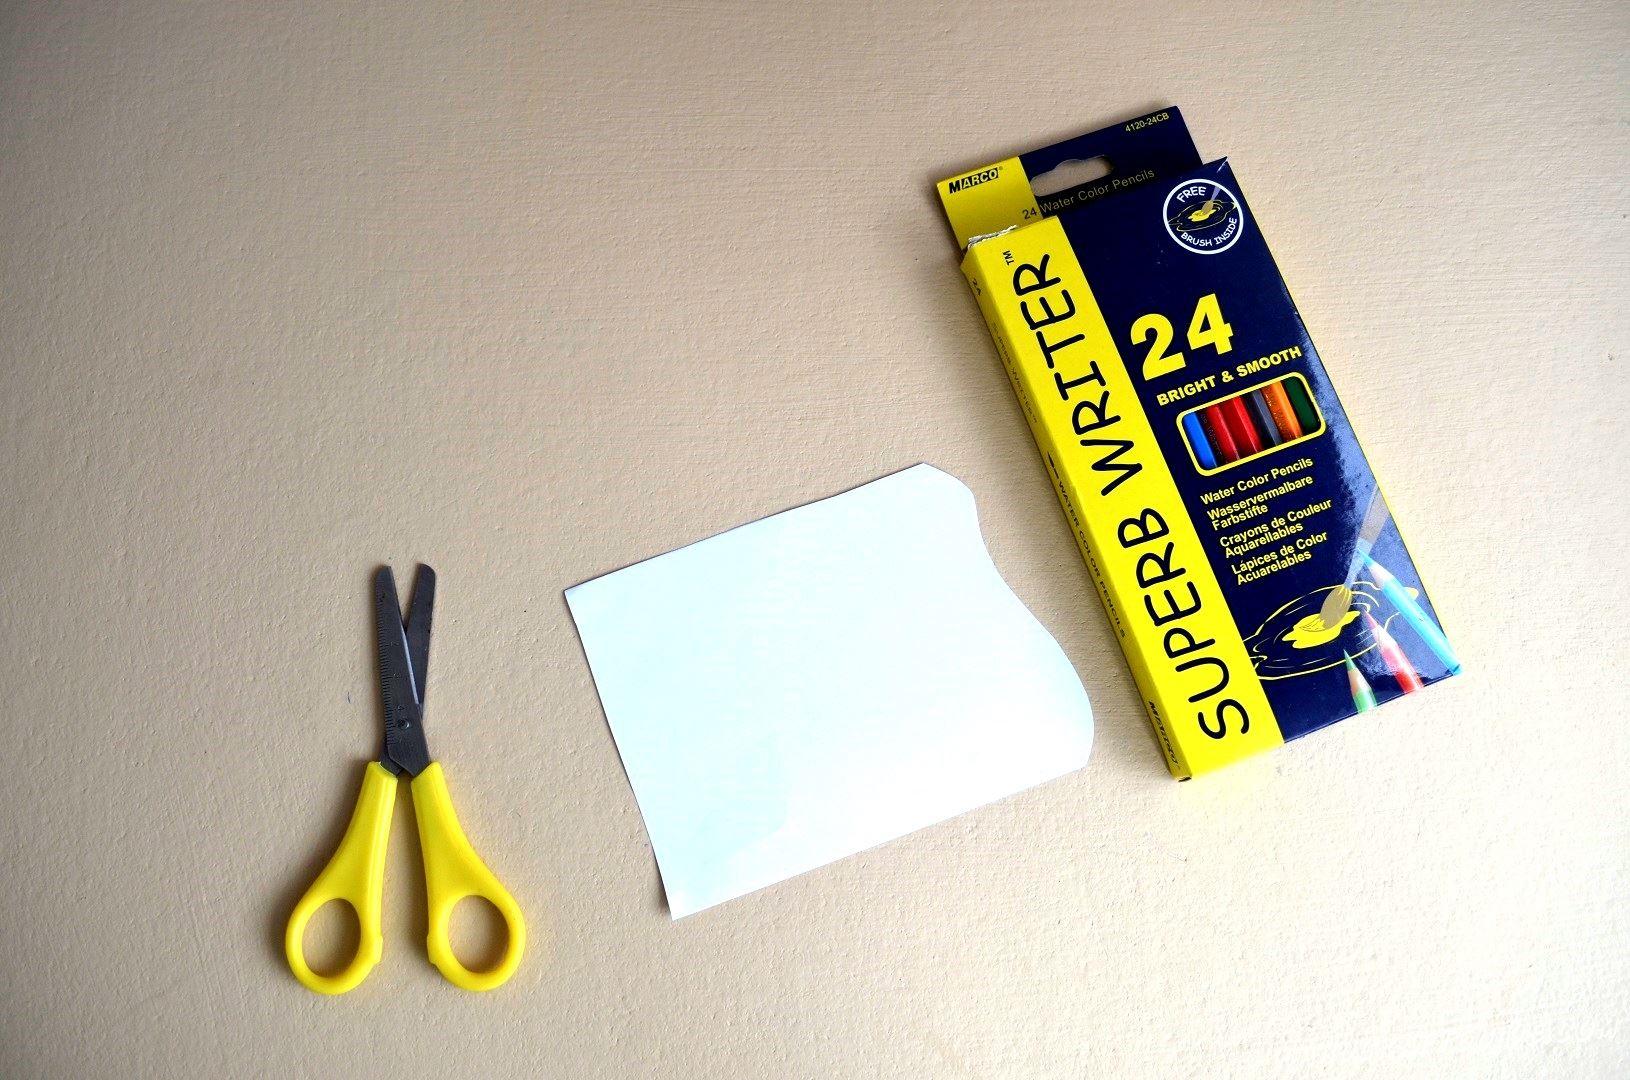 Берем голубой лист бумаги и вырезаем форму флажка. Форма можете подобрать произвольно, как вам нравится. Теперь рисуем на флажке красивую картинку на морскую тематику